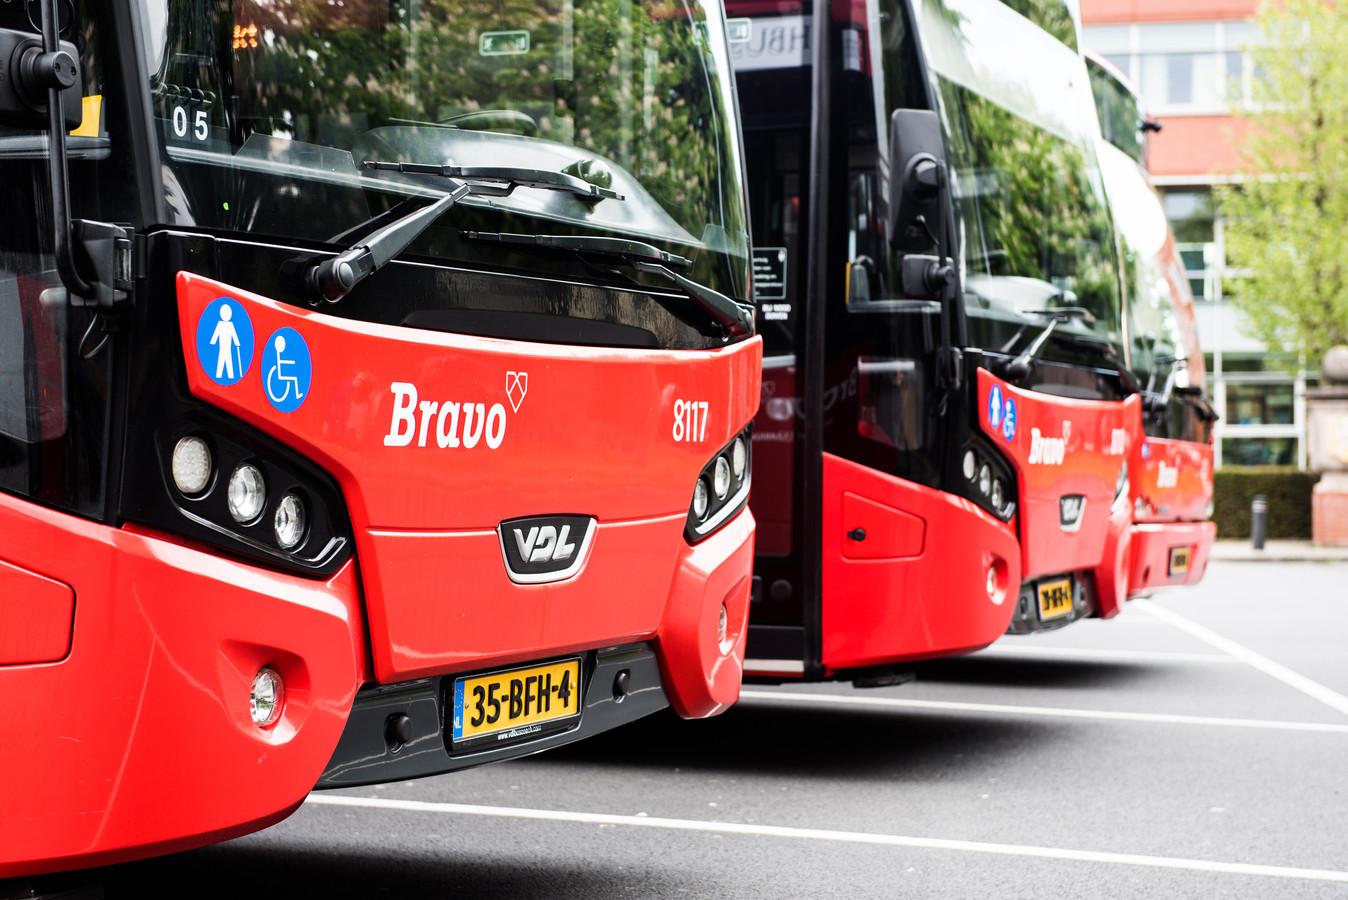 BRAVO bus - Foto ter illustratie